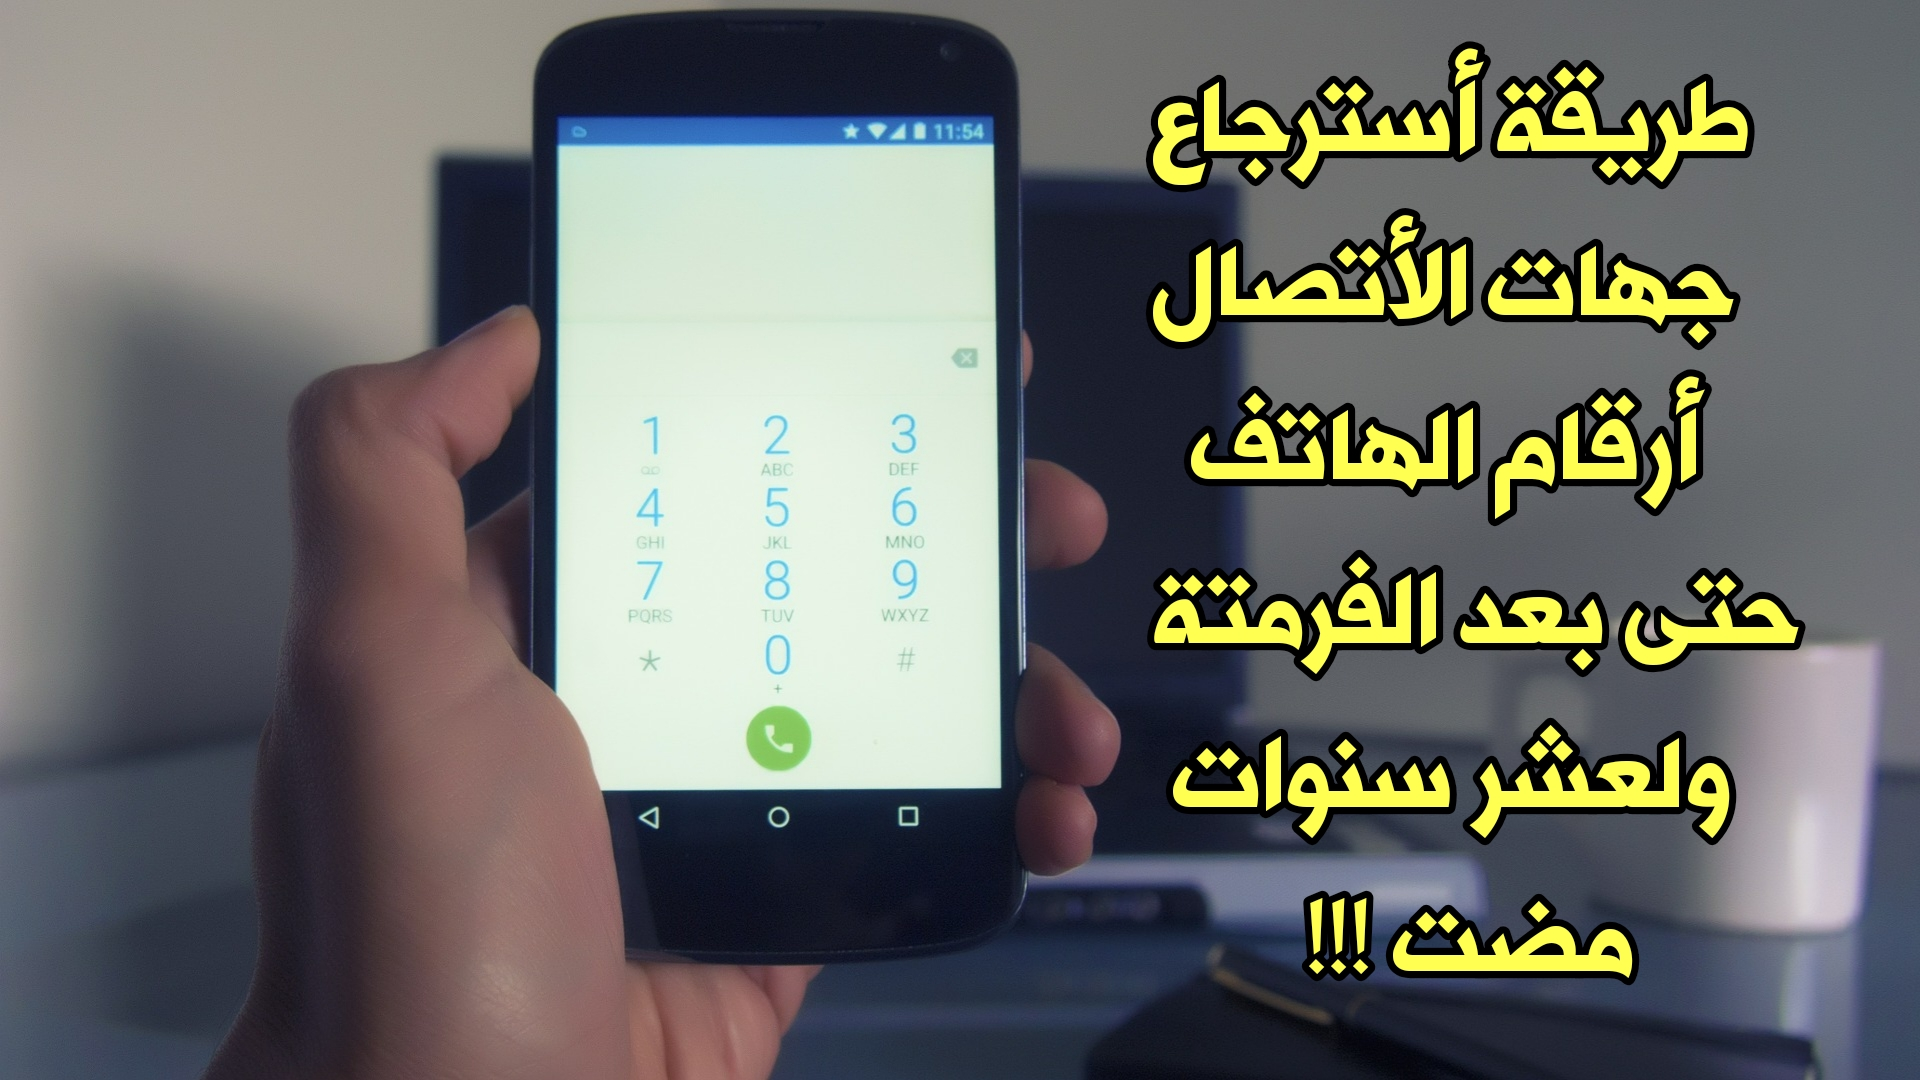 طريقة أسترجاع جهات الأتصال أرقام الهاتف ورسائل SMS حتى بعد الفرمتة و لعشر سنوات مضت